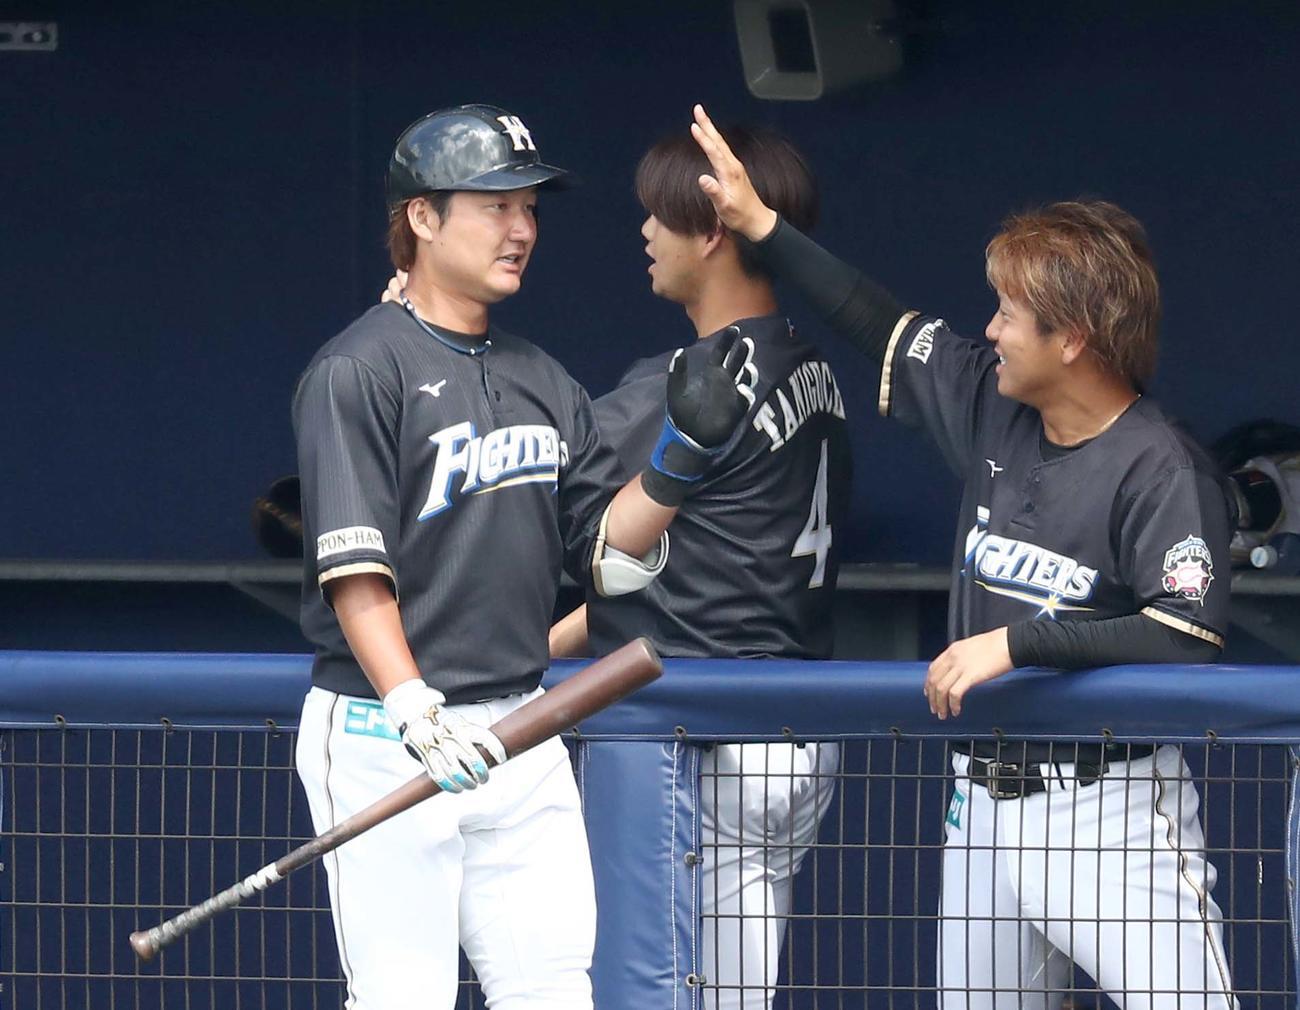 日本ハム紅白戦 3回表2死一、二塁、右中間に3点本塁打を放ち出迎えられる渡辺(撮影・黒川智章)